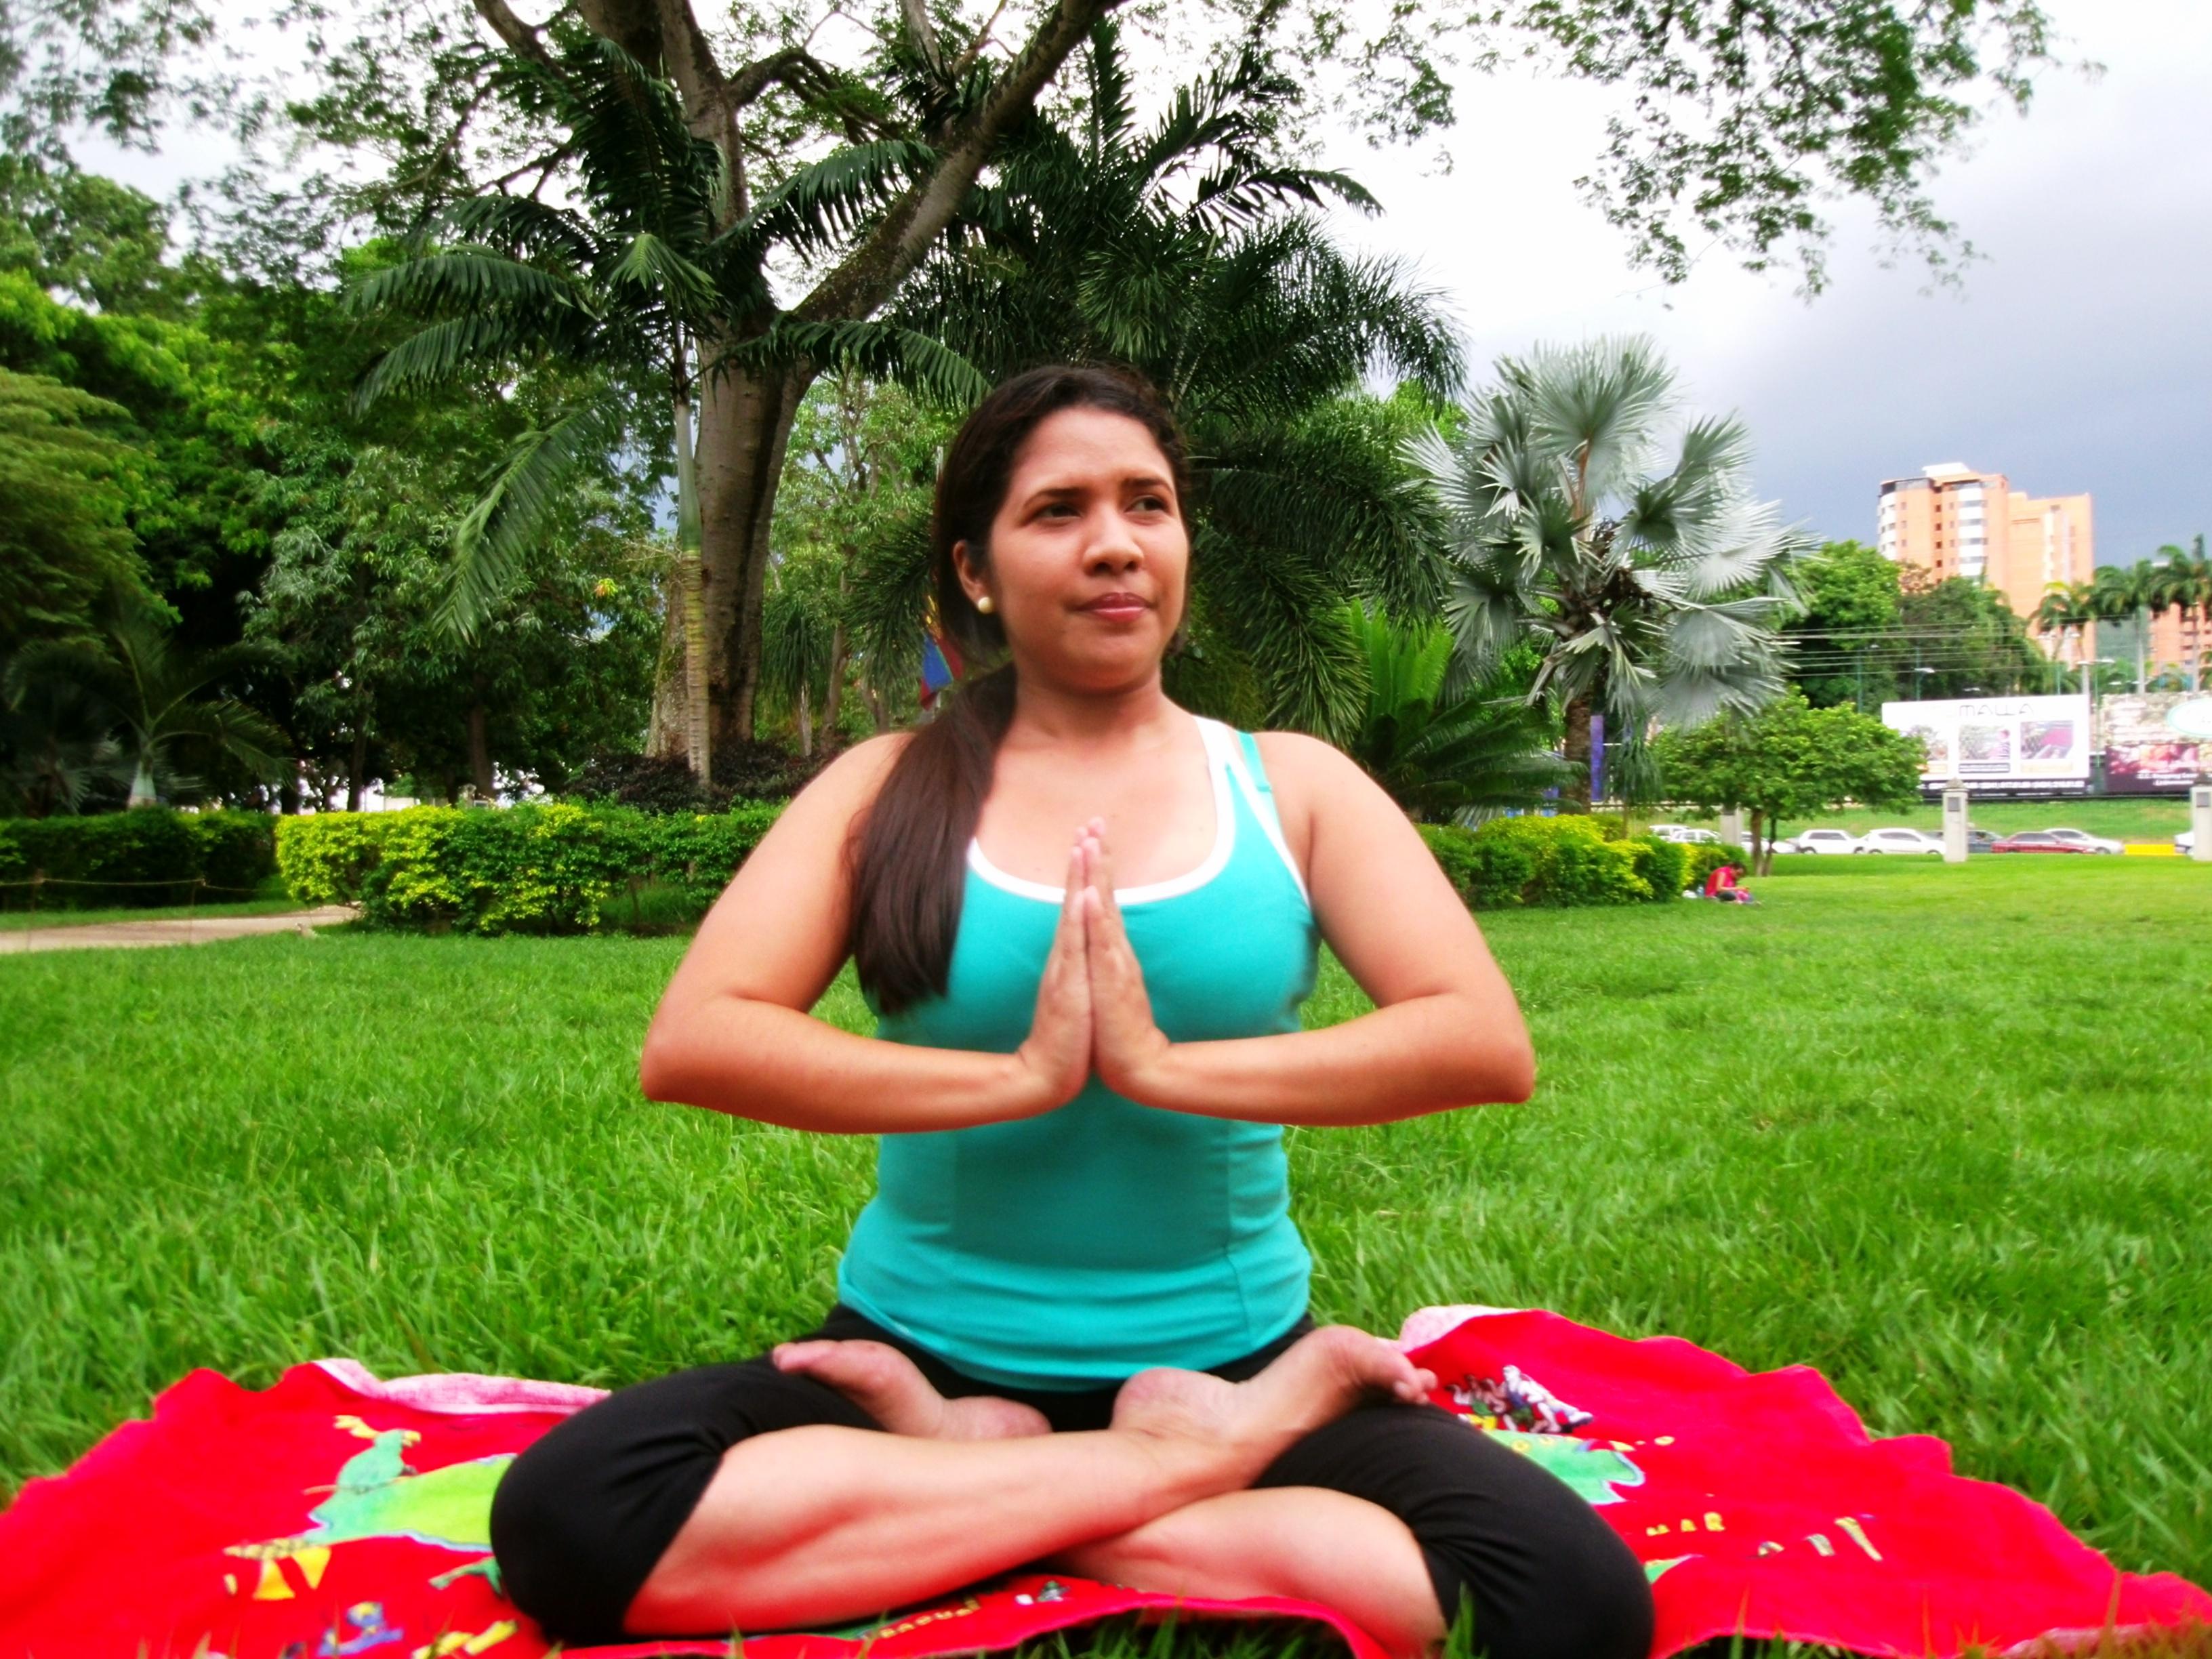 ¡Vamos a hacer yoga y respirar!